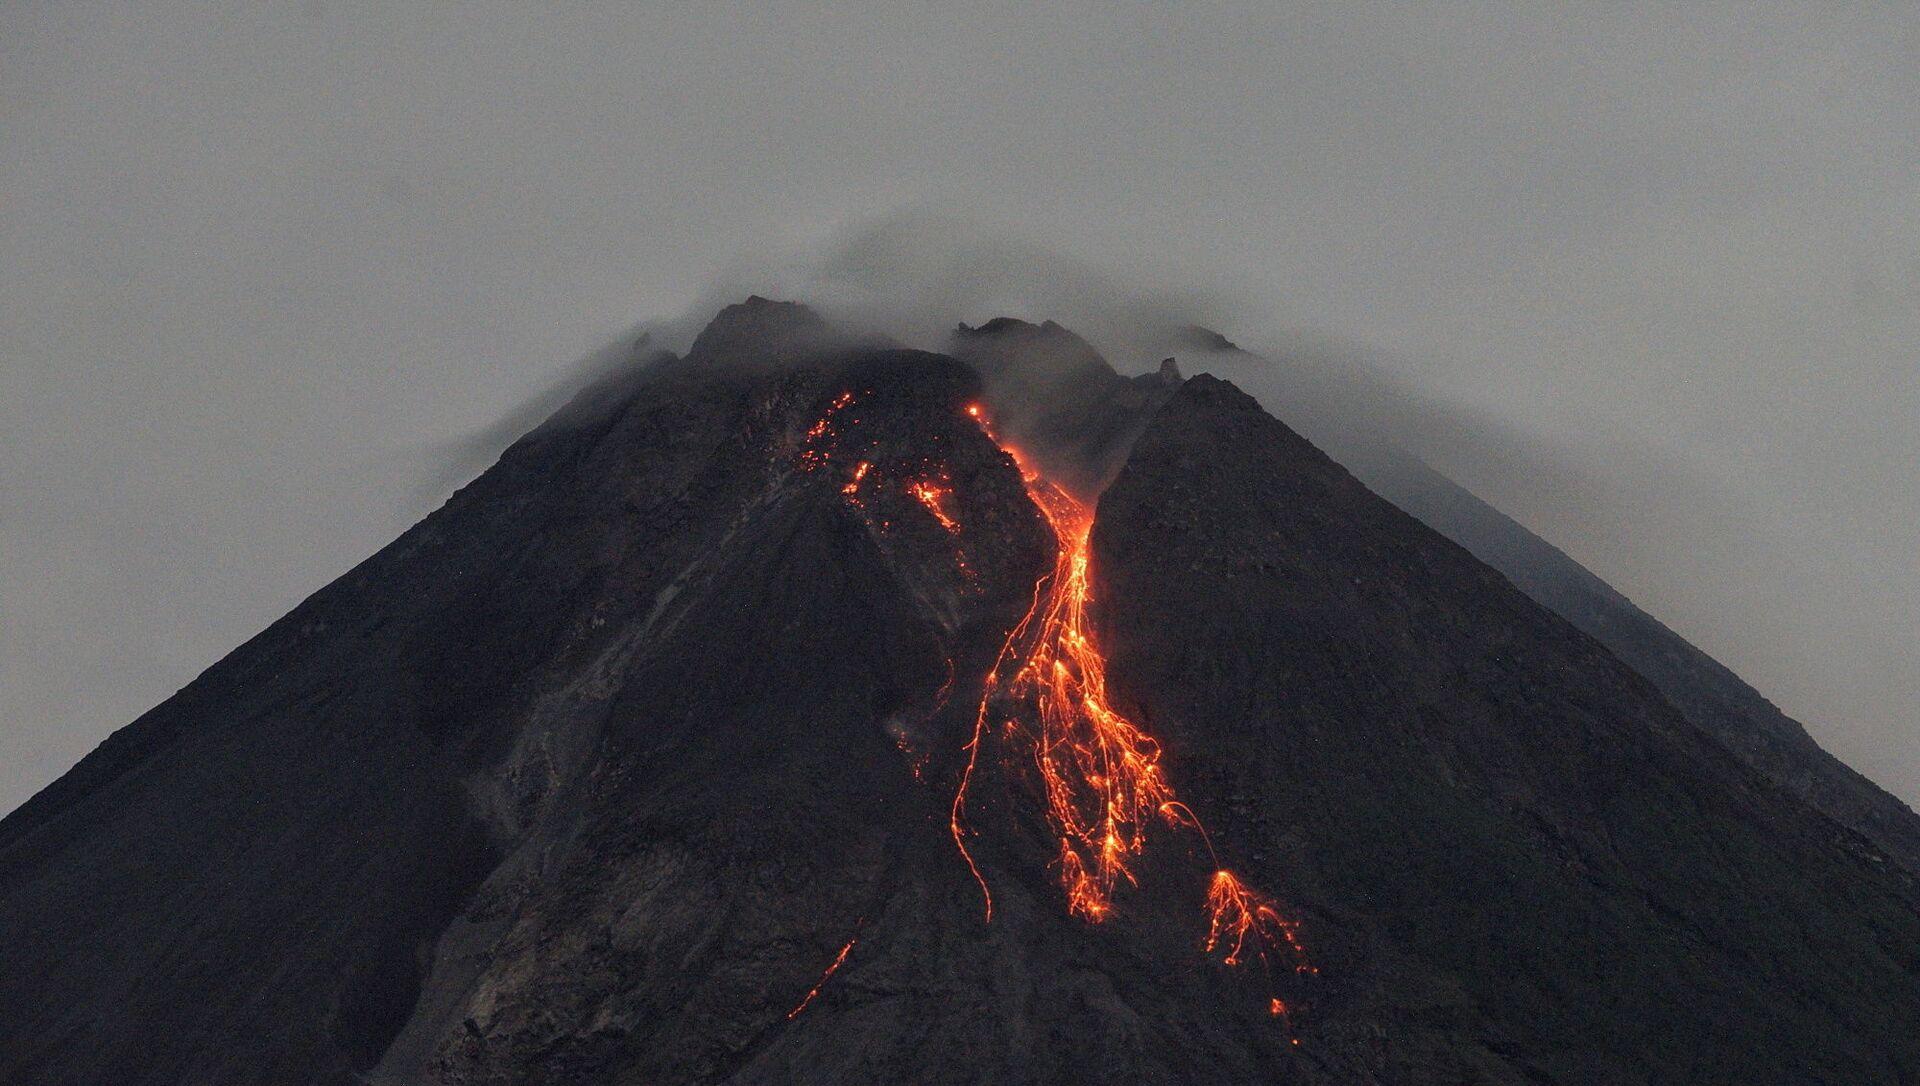 スペイン領ラ・パルマ島で火山が噴火=マスコミ - Sputnik 日本, 1920, 19.09.2021